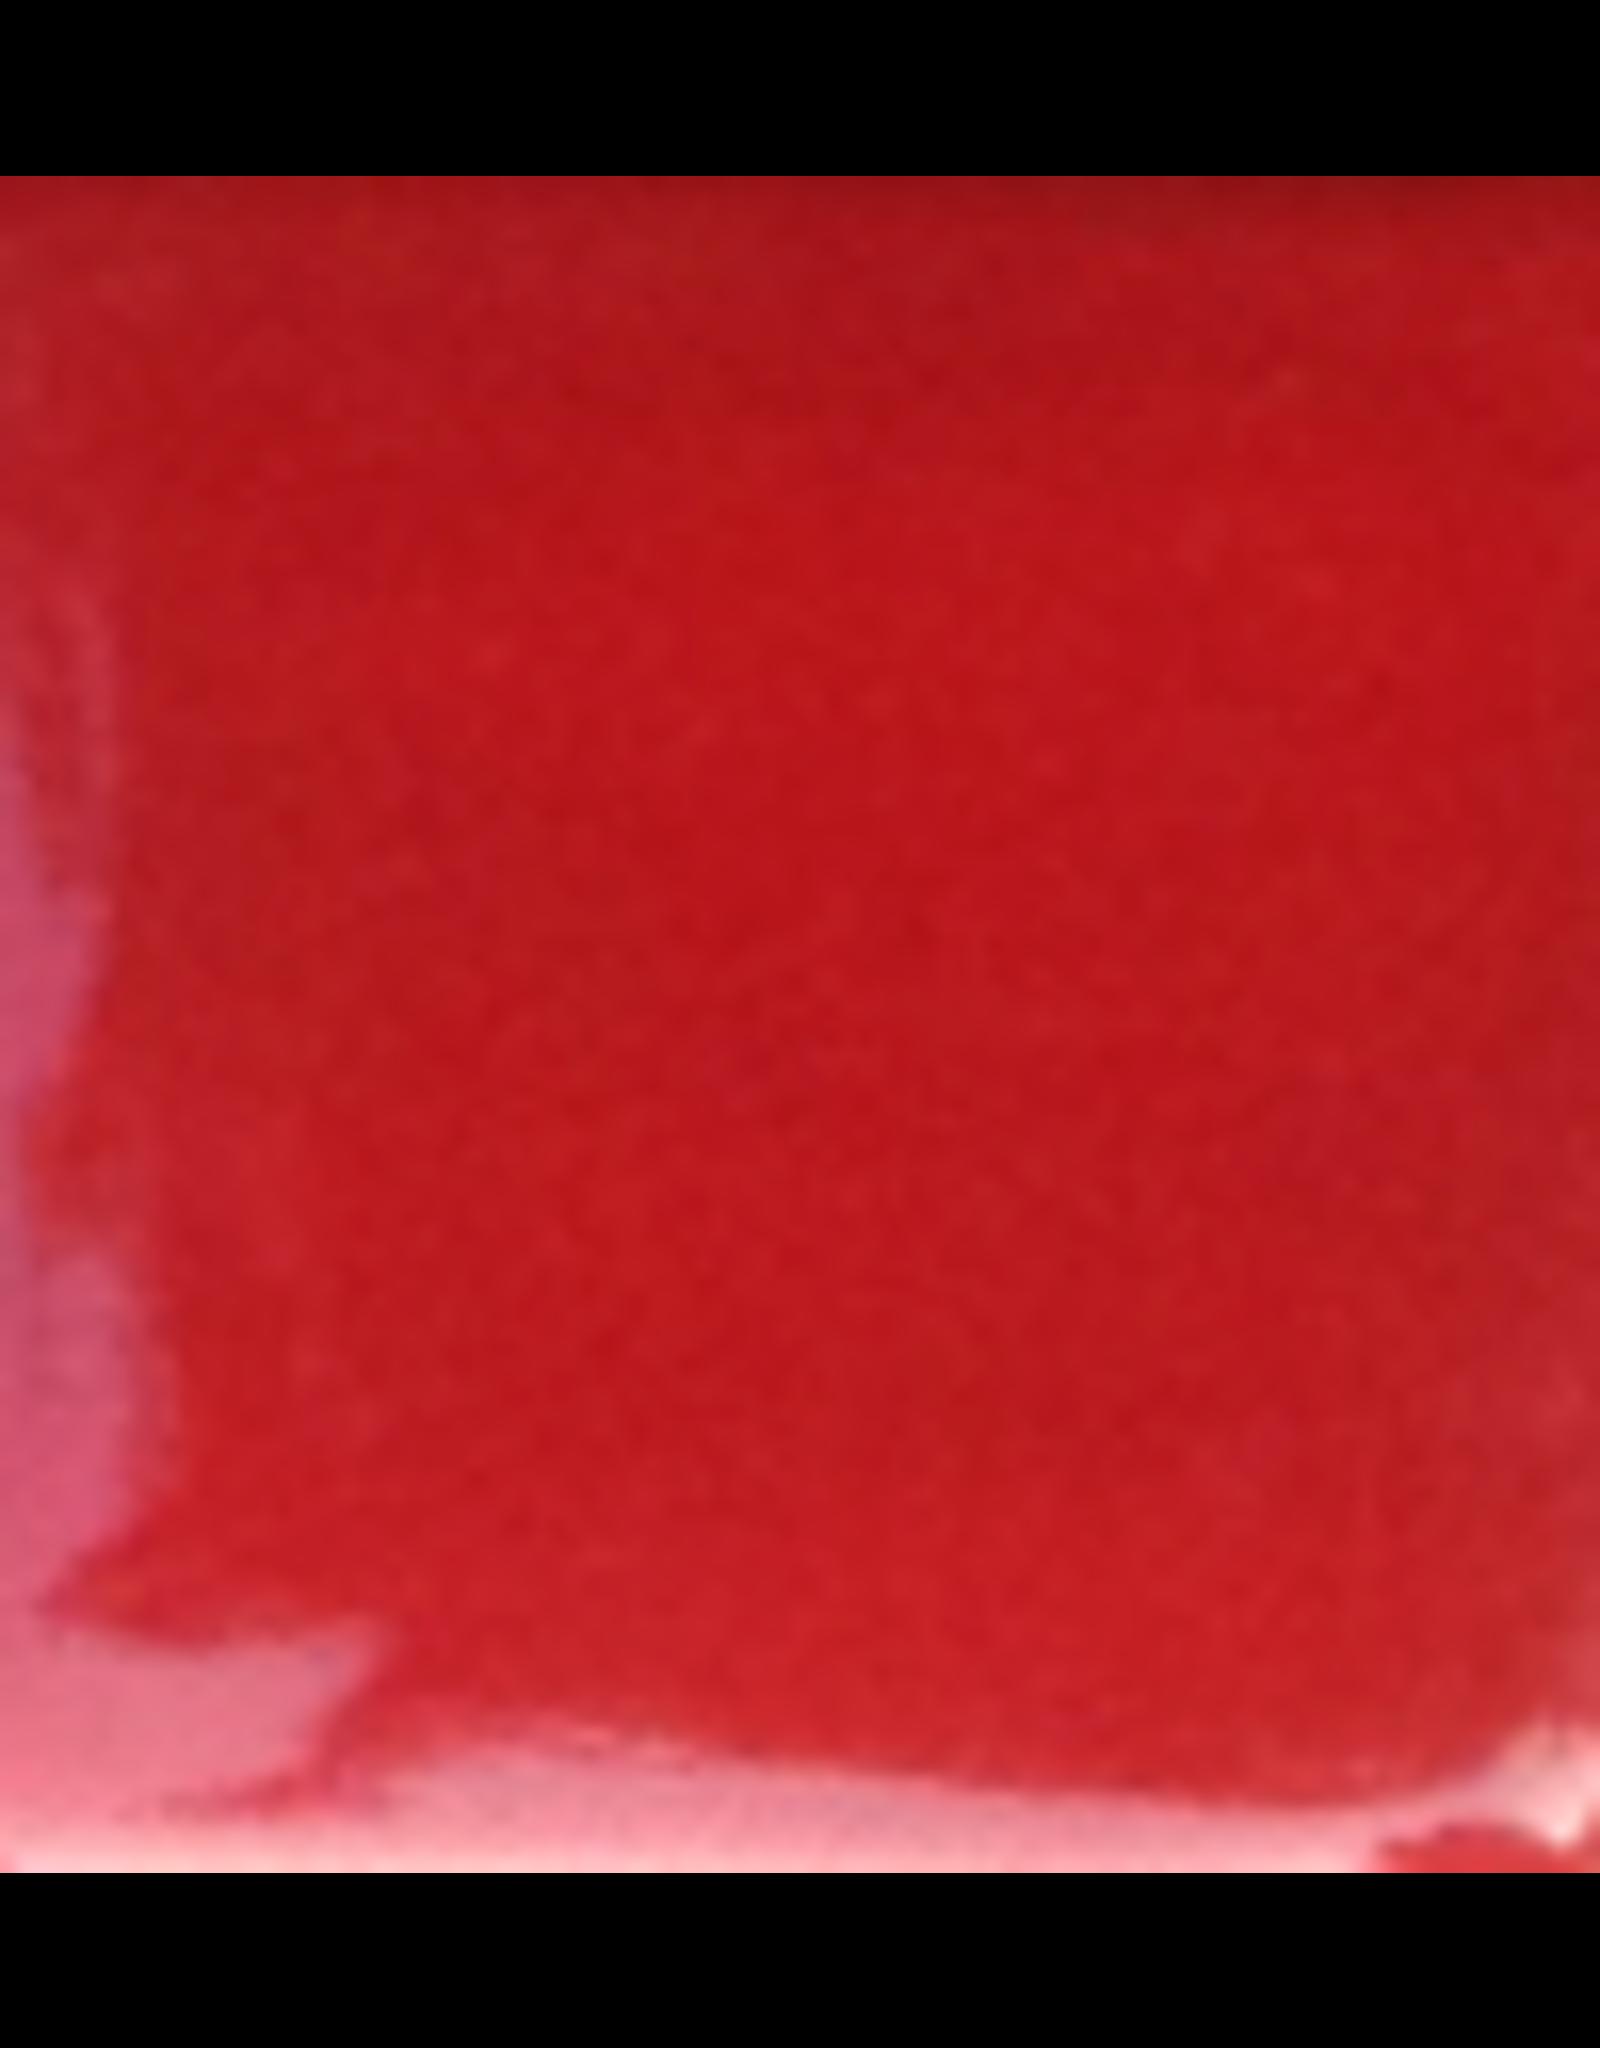 Contem UG47 Cherry red